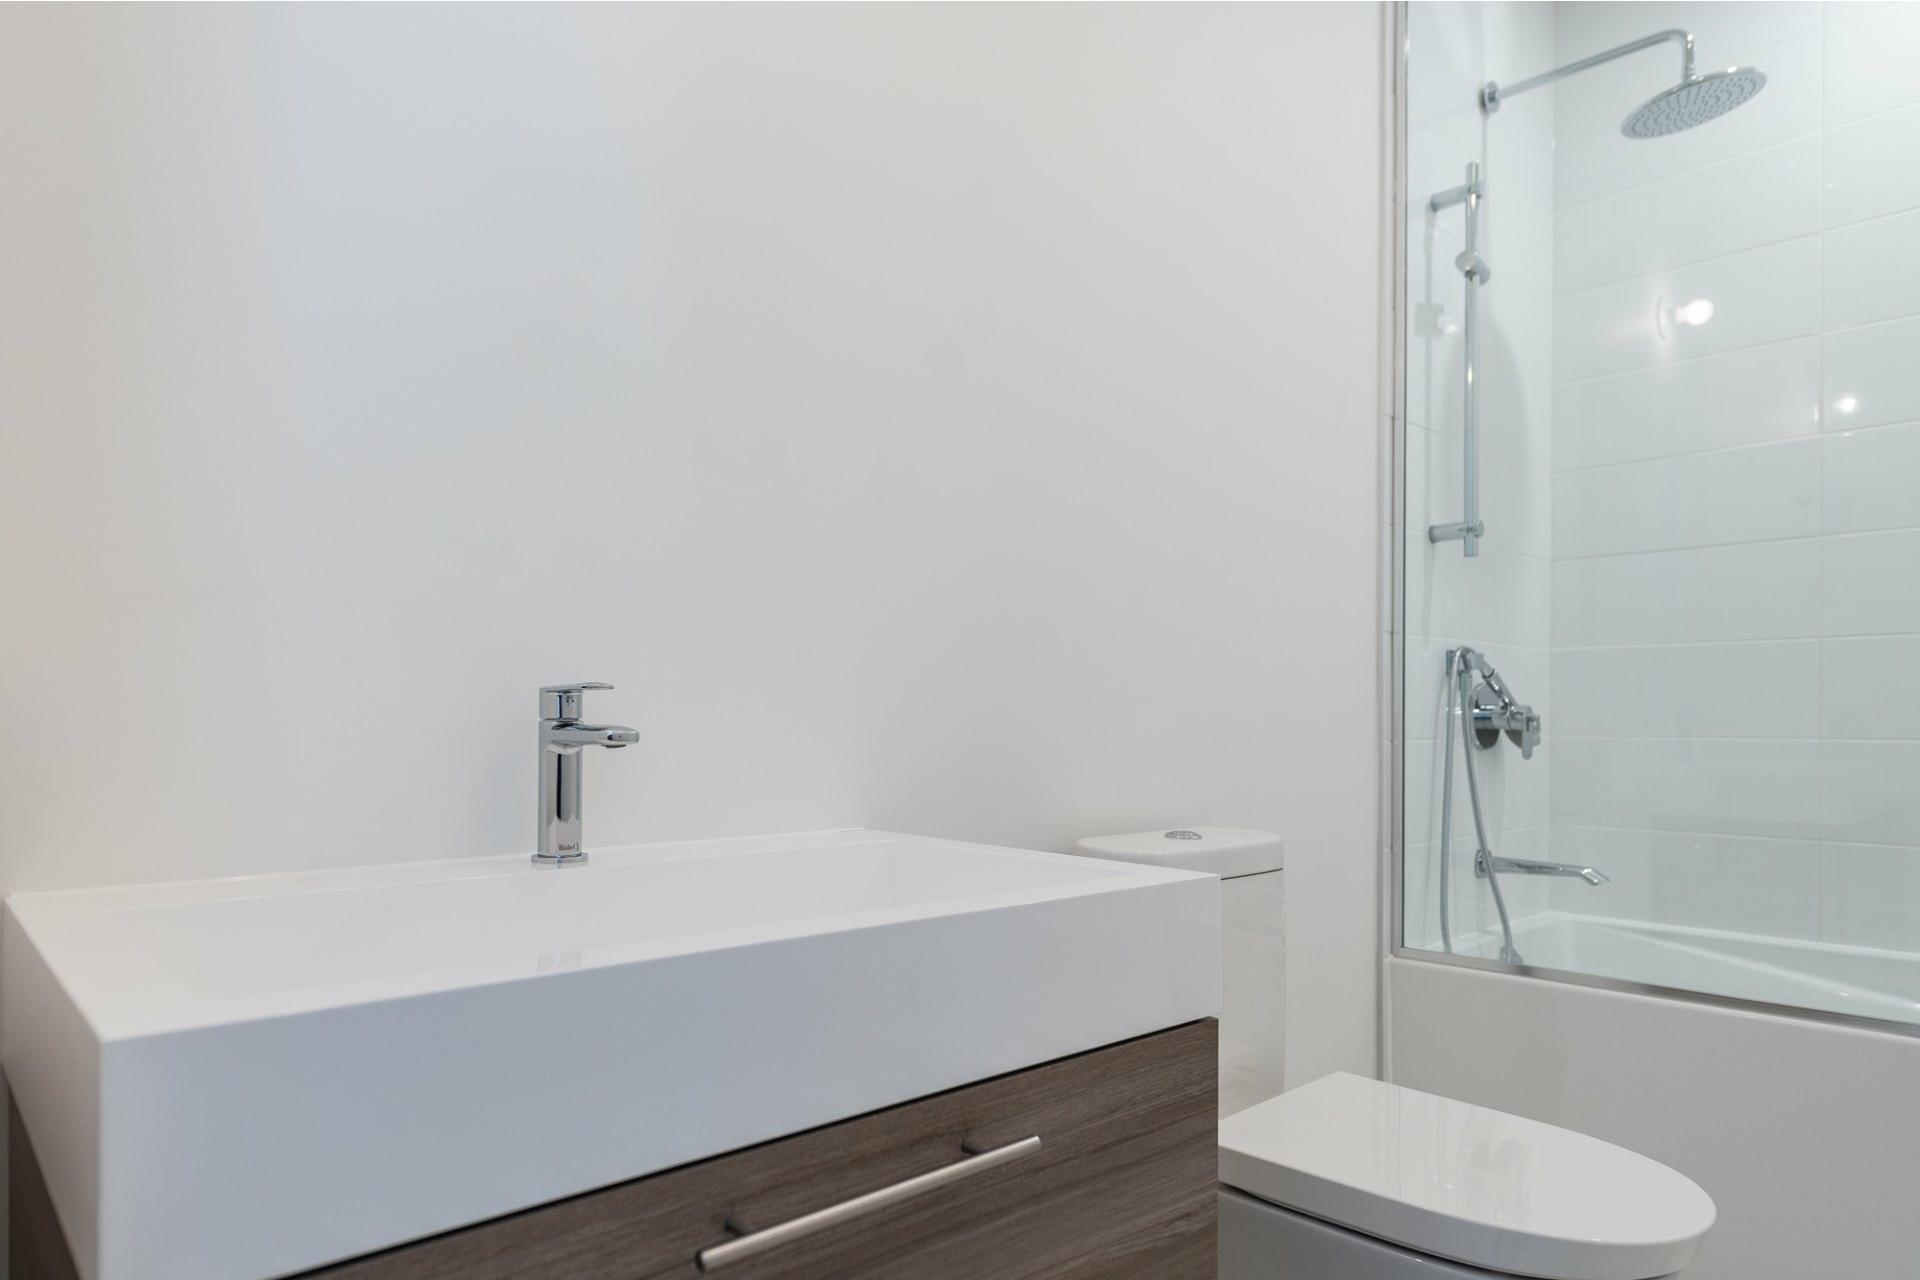 image 11 - Apartment For rent Villeray/Saint-Michel/Parc-Extension Montréal  - 5 rooms